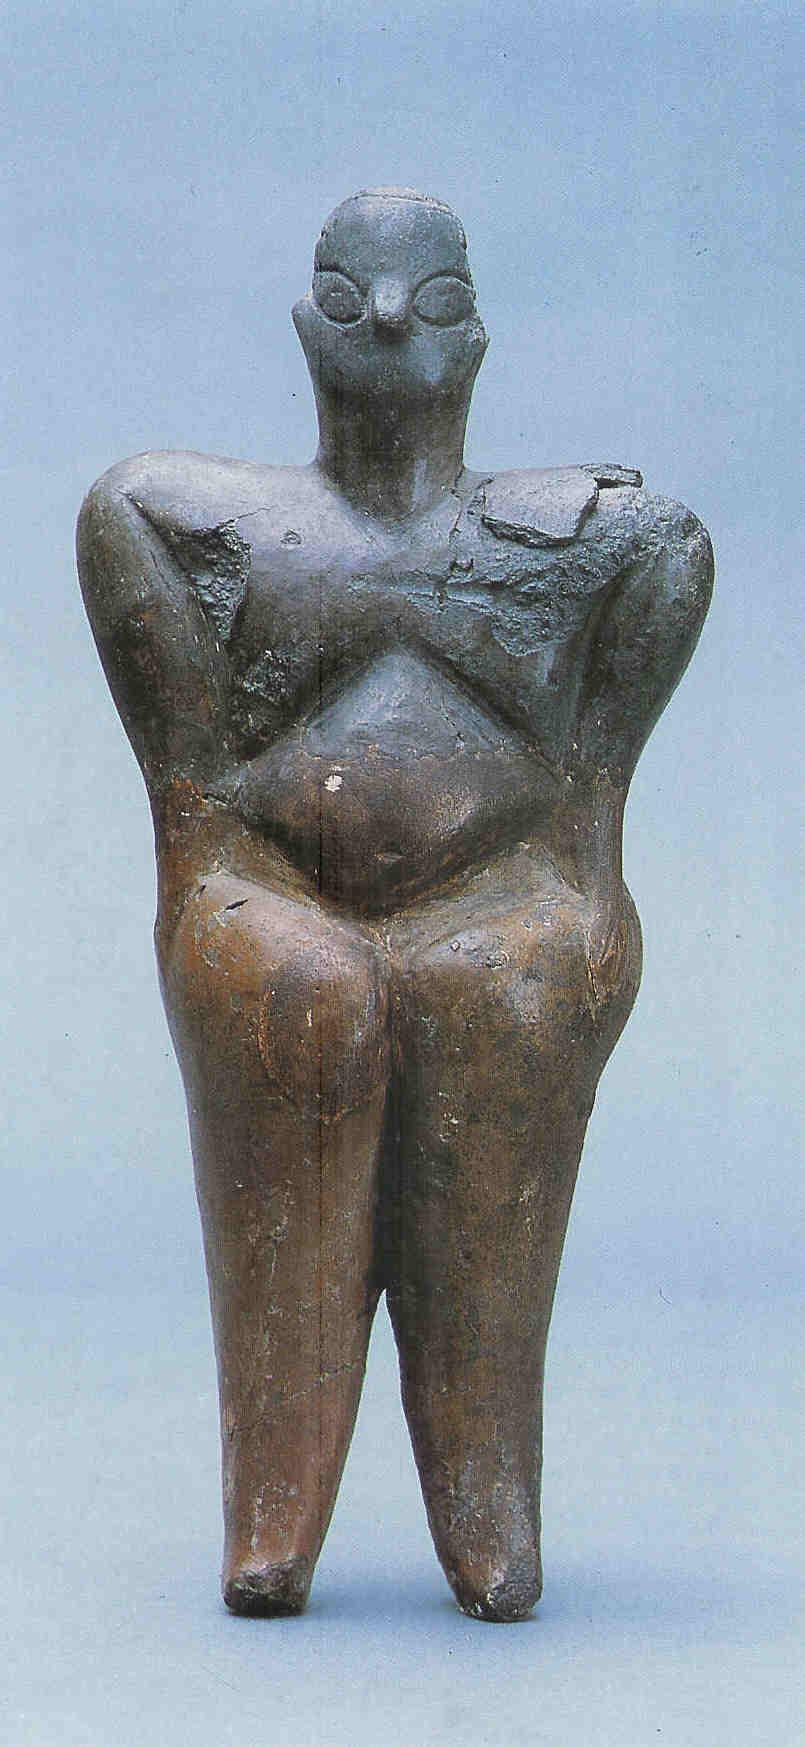 Godin. 24 cm, breedte bij schouders 10.5 cm. Aardewerk. Uit Hacilar laag VI huis Q5. 5500 v. Chr. Catalogus Schatten uit Turkije,  spreekt van 'beeld van een godin', 48.